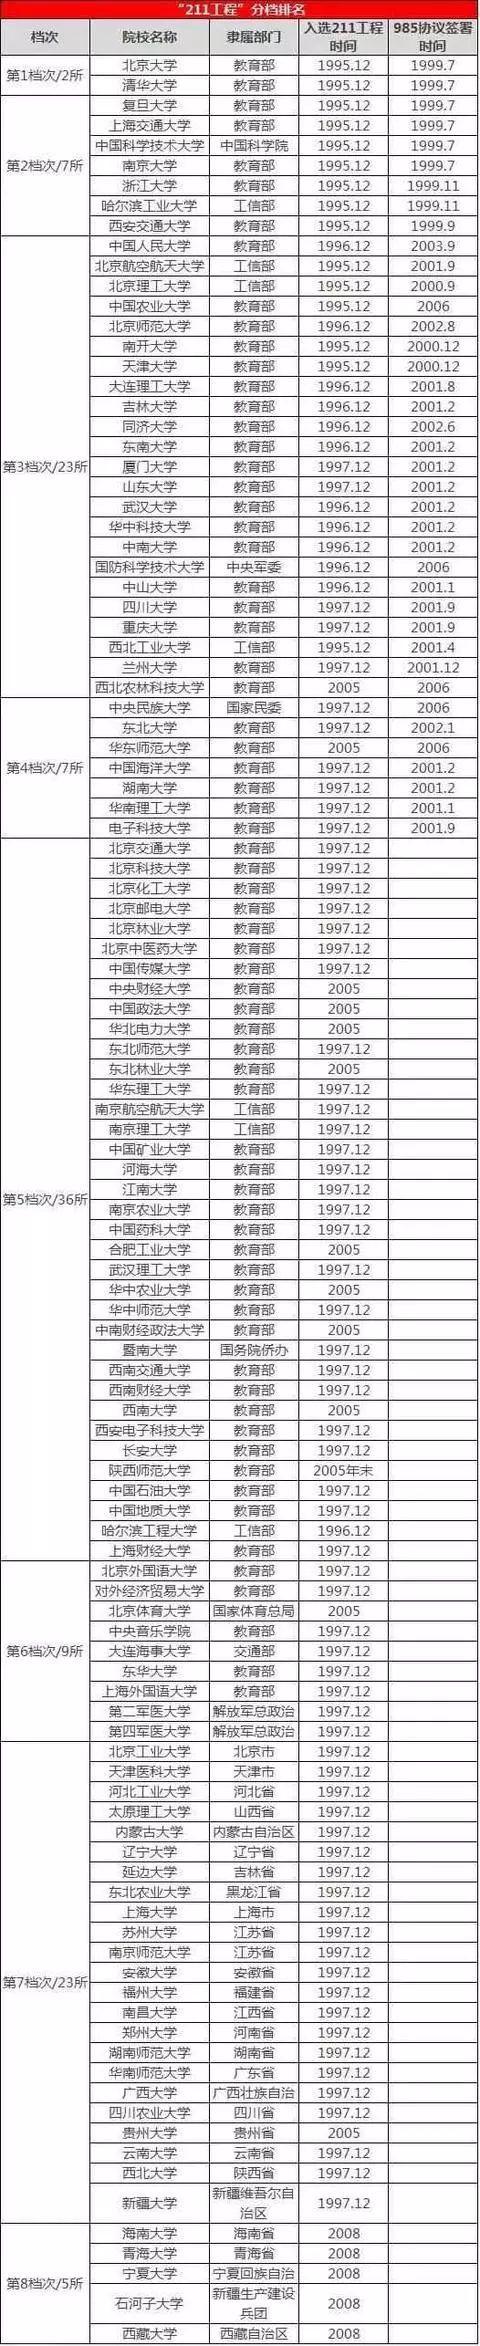 高考择校:211工程的大学也分档次,看看你想考的学校在哪个档次